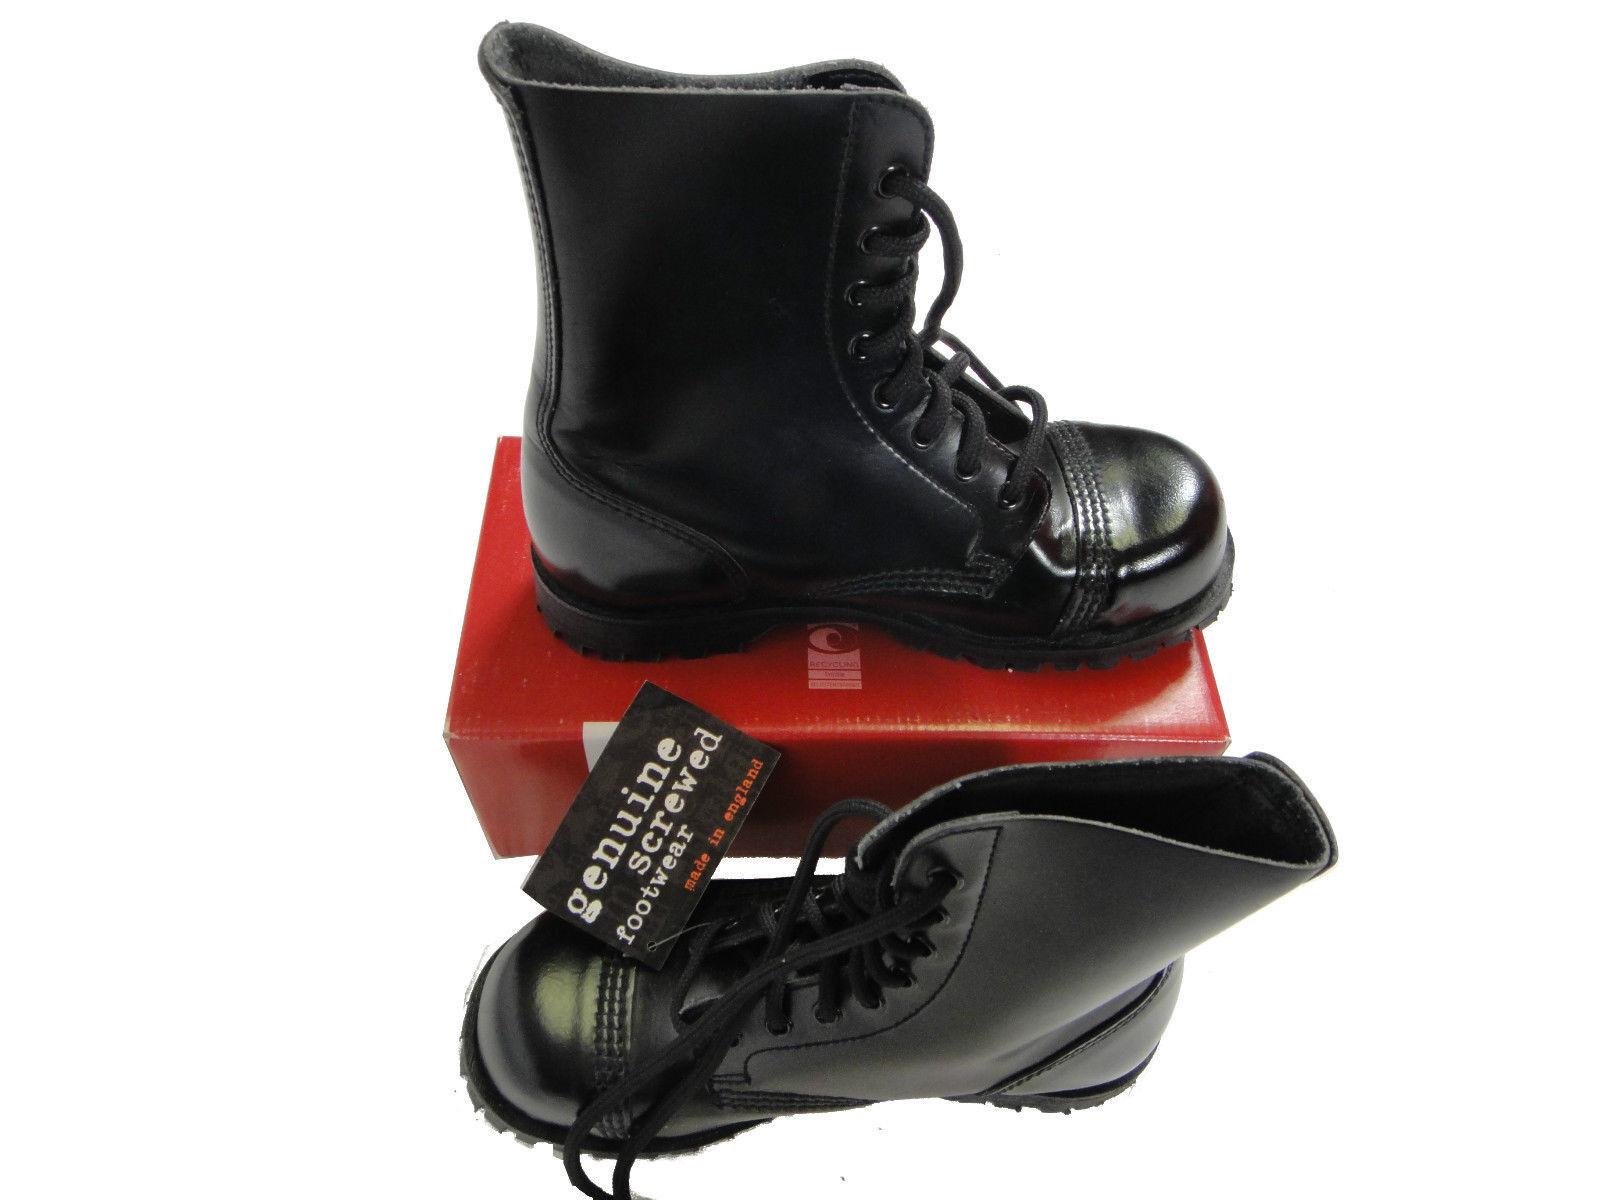 m_v0546 Herren Schuhe Underground Stiefel Gr. 6 sw. Stahlkappe